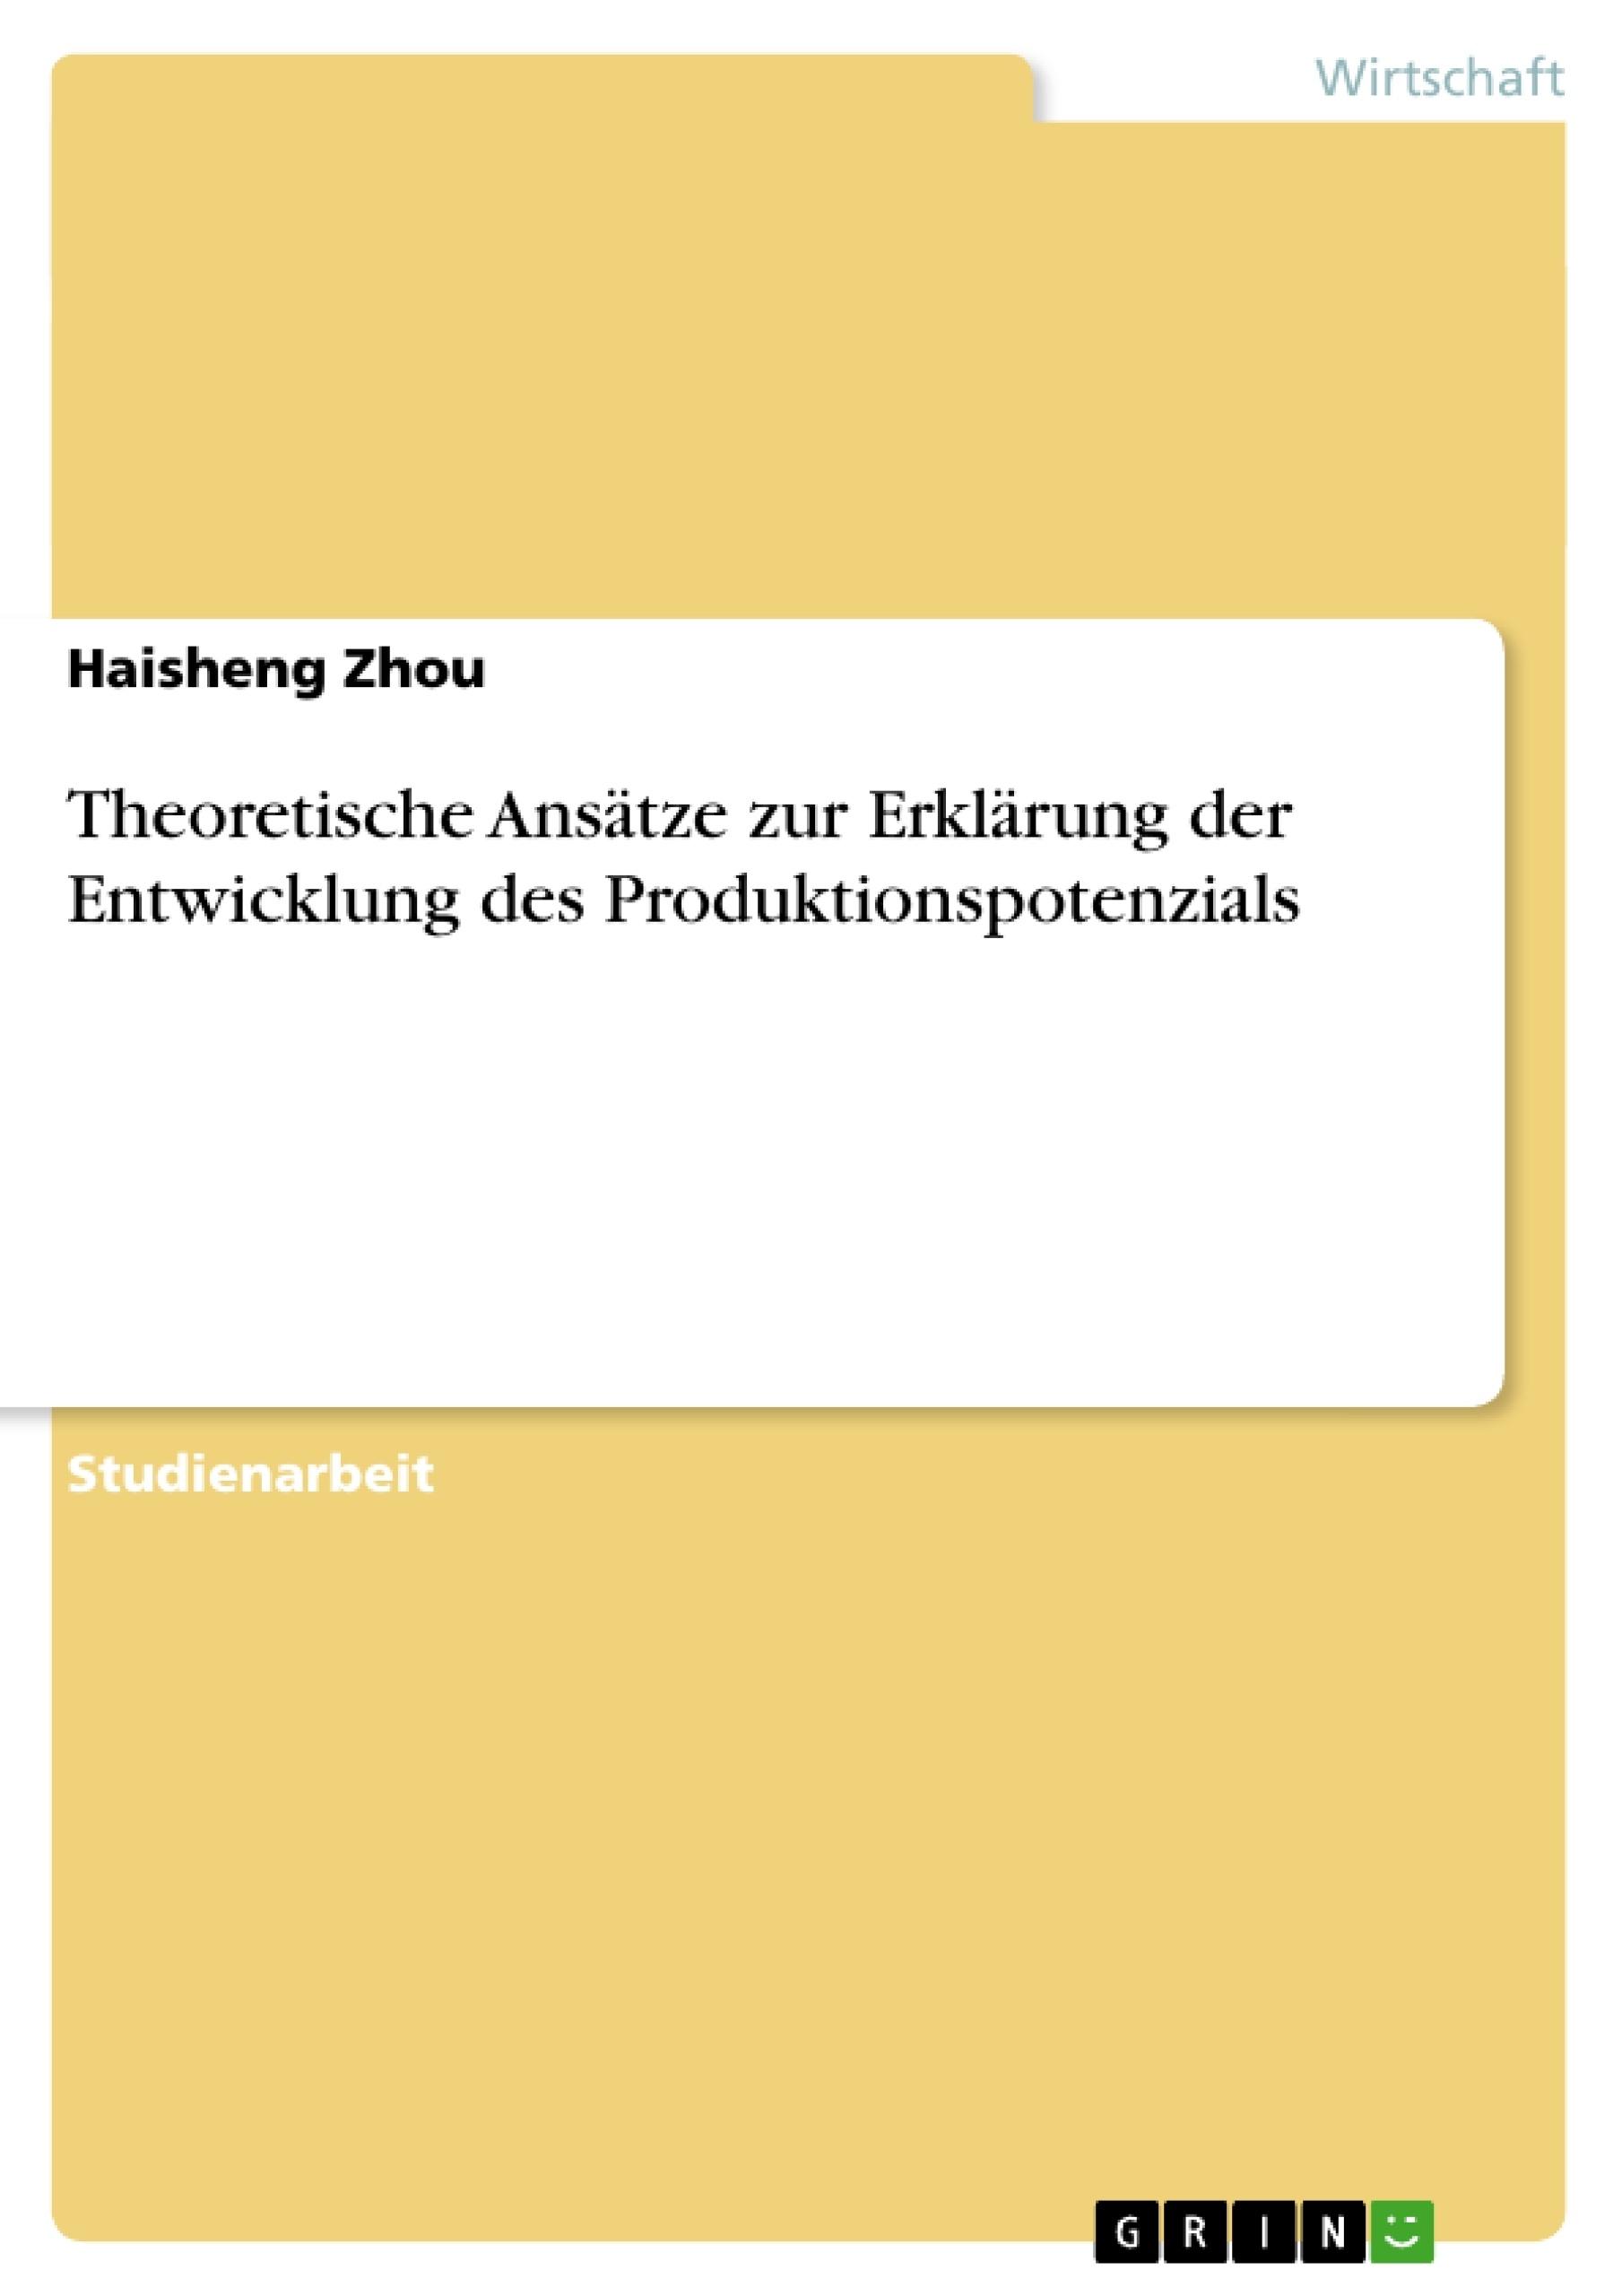 Titel: Theoretische Ansätze zur Erklärung der Entwicklung des Produktionspotenzials